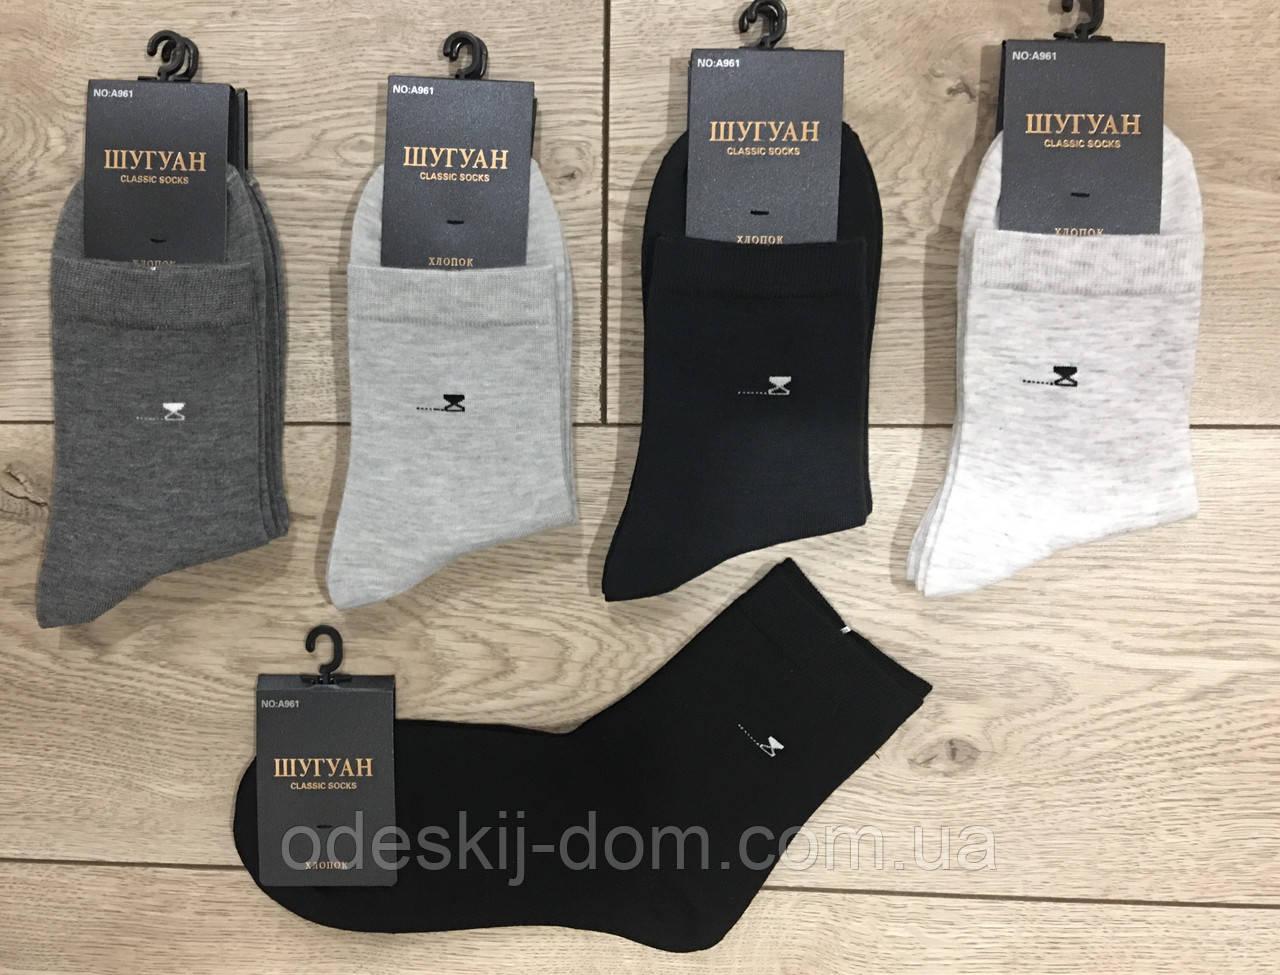 Мужские длинные носки хлопок тм Шугуан